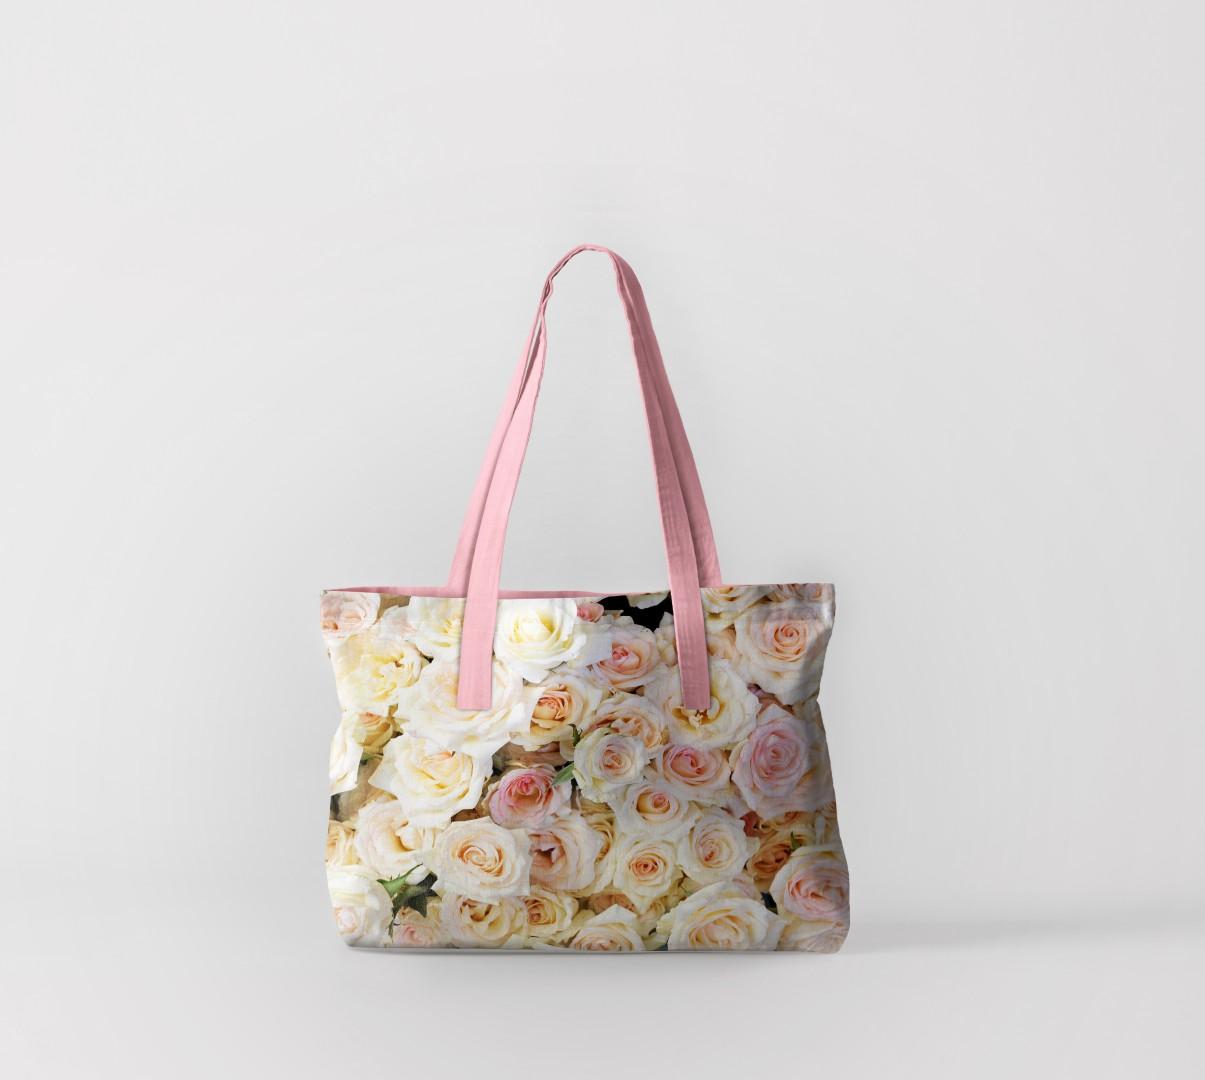 Пляжная сумка Нежнейшие цветы (50х40 см) Олимп Текстиль oli732583